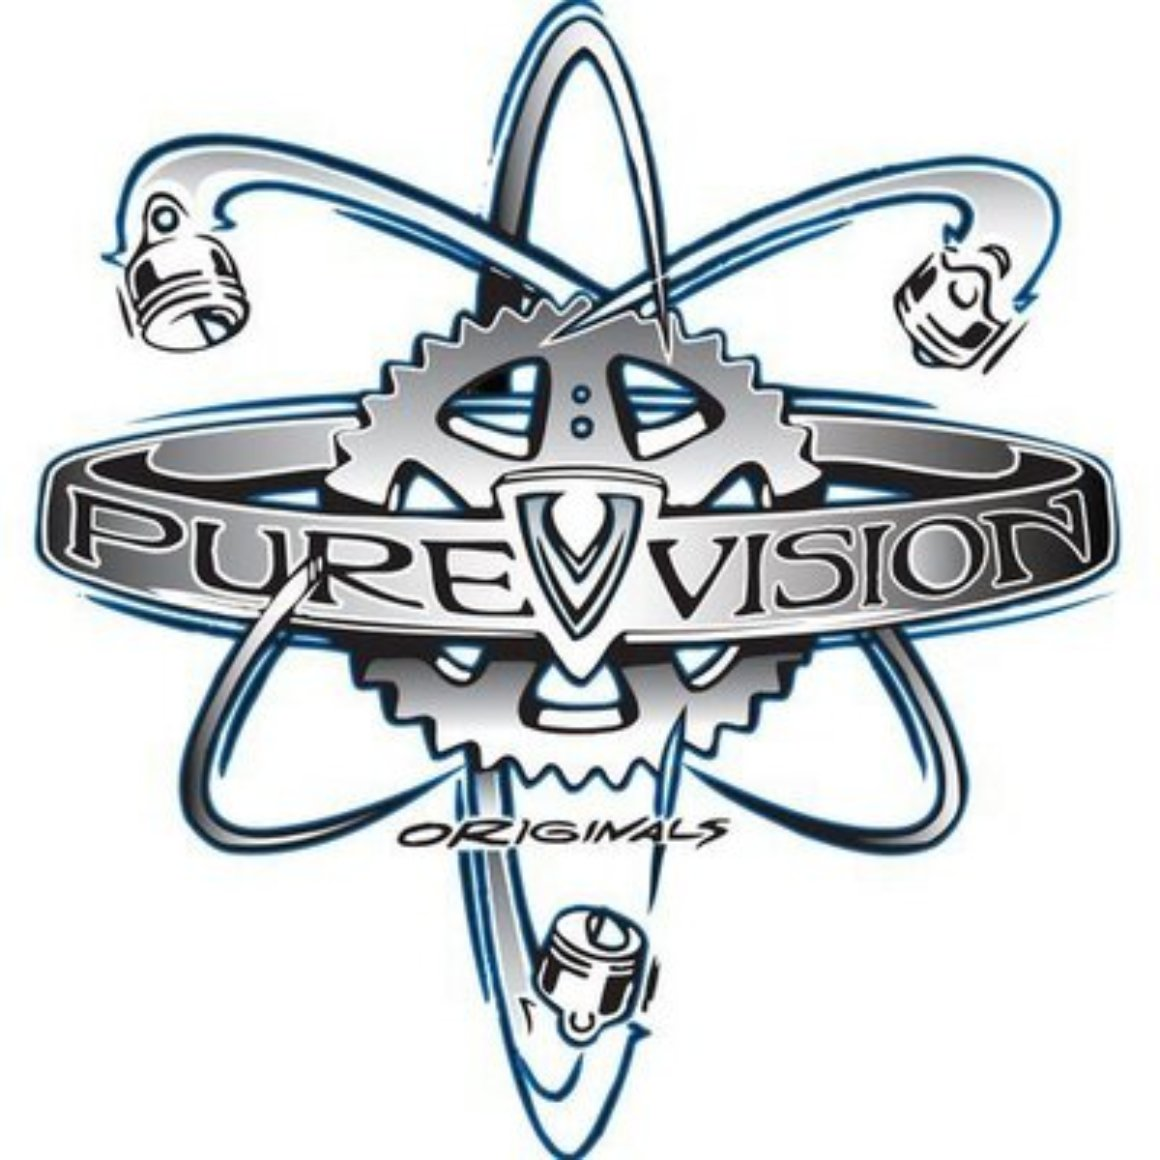 Purevision_Logo_400x400